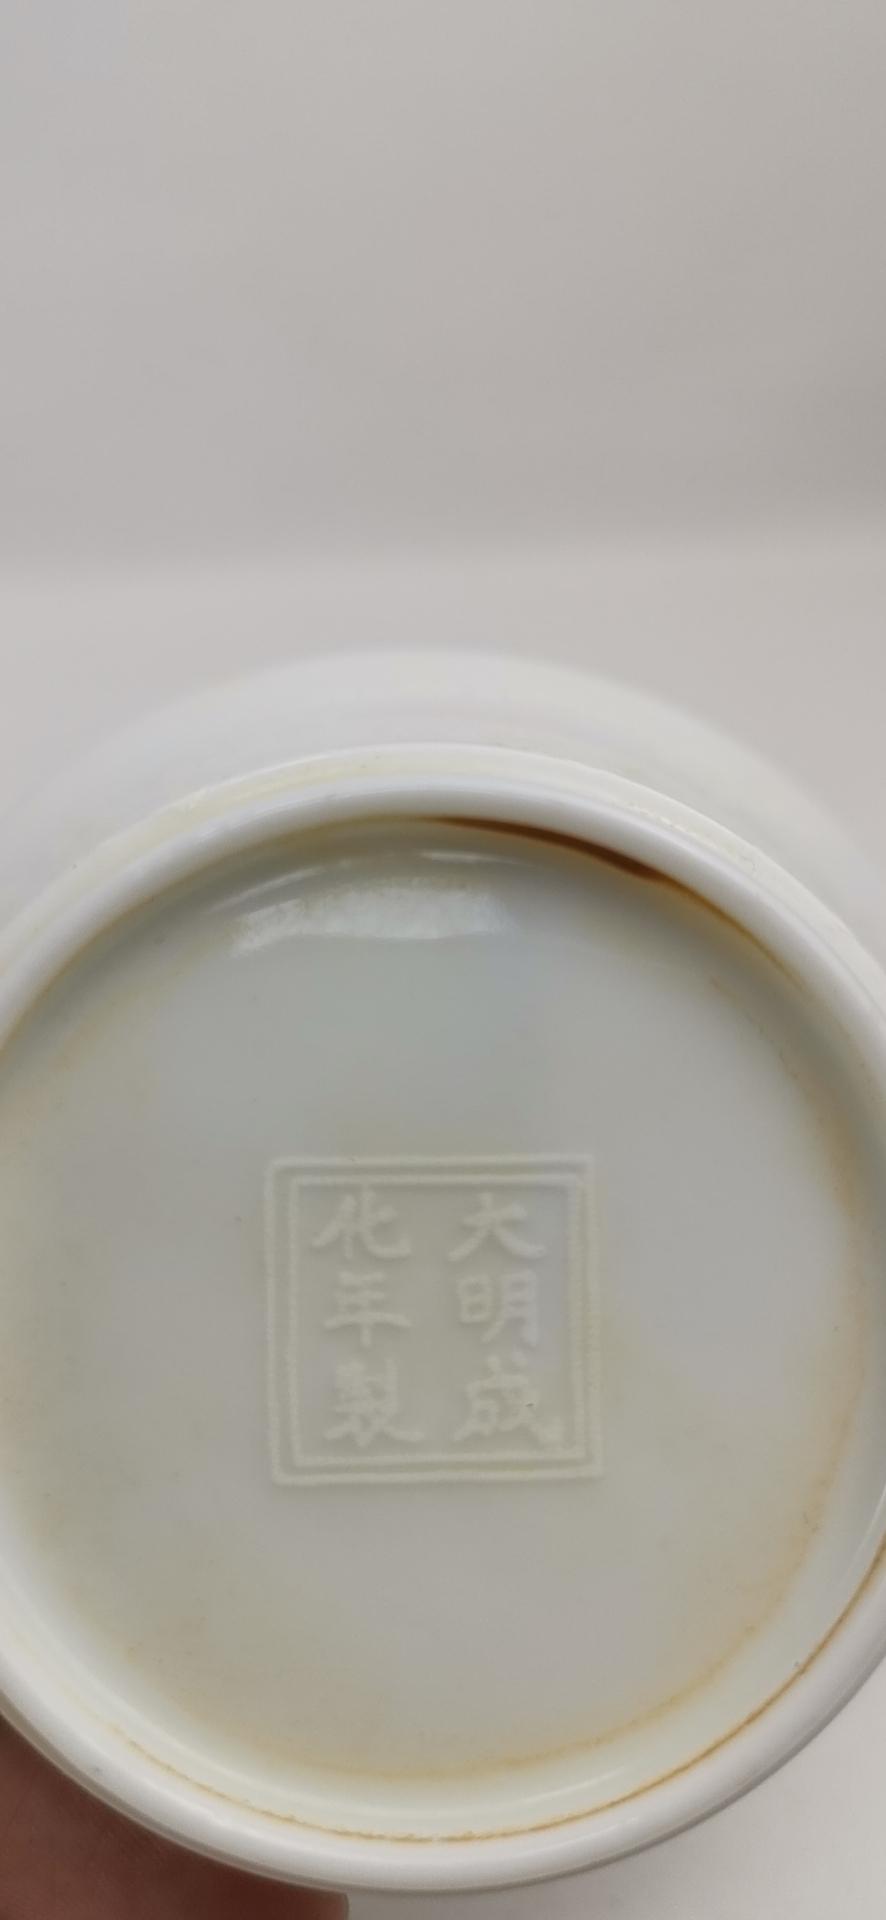 黑龍江雞西壯泉古幣可不可以直接私下交易